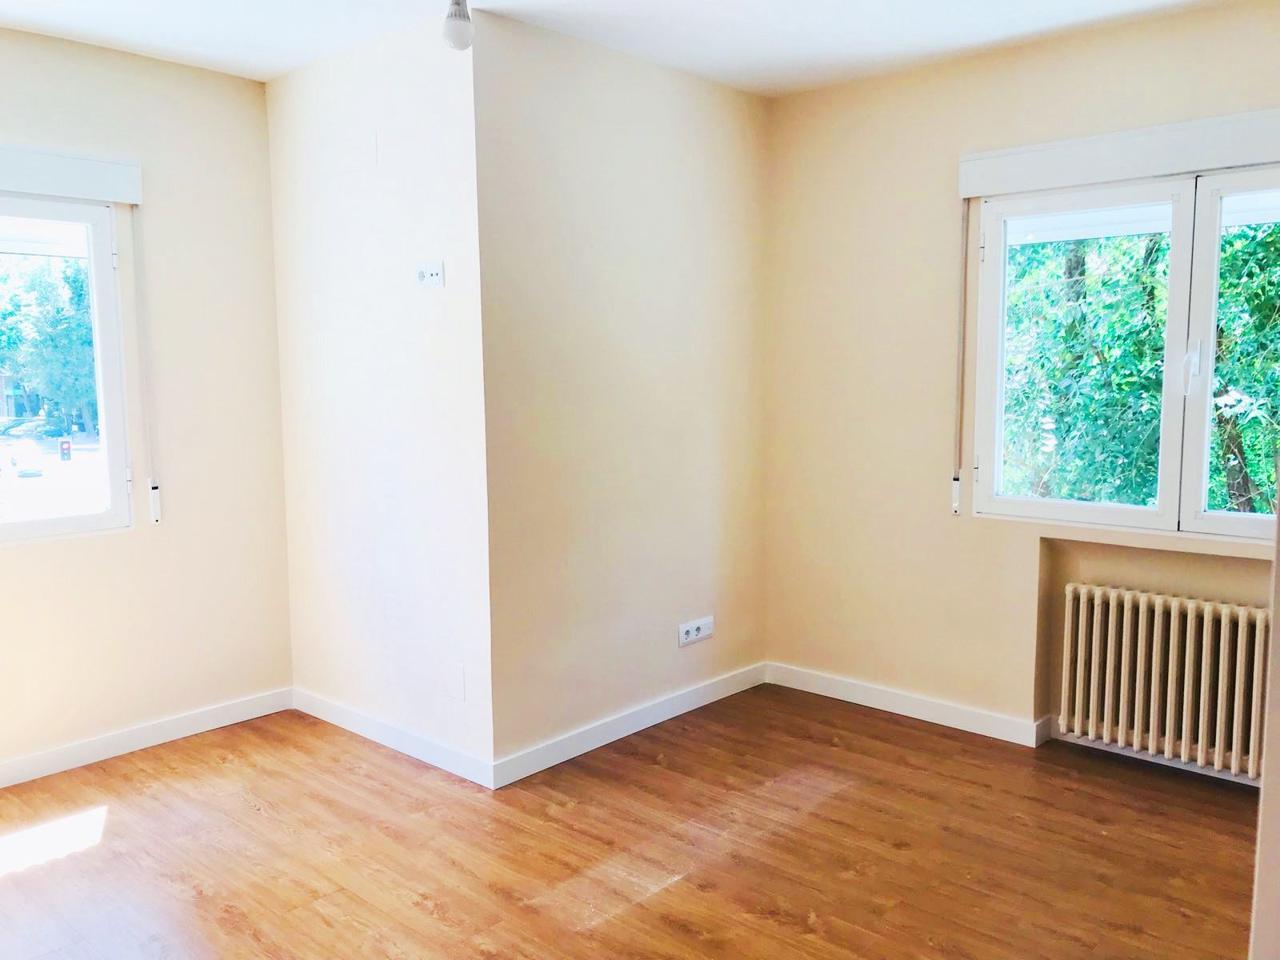 Marcamos la diferencia piso en alquiler en carabanchel de 80 m2 - Pisos nuevos en carabanchel ...